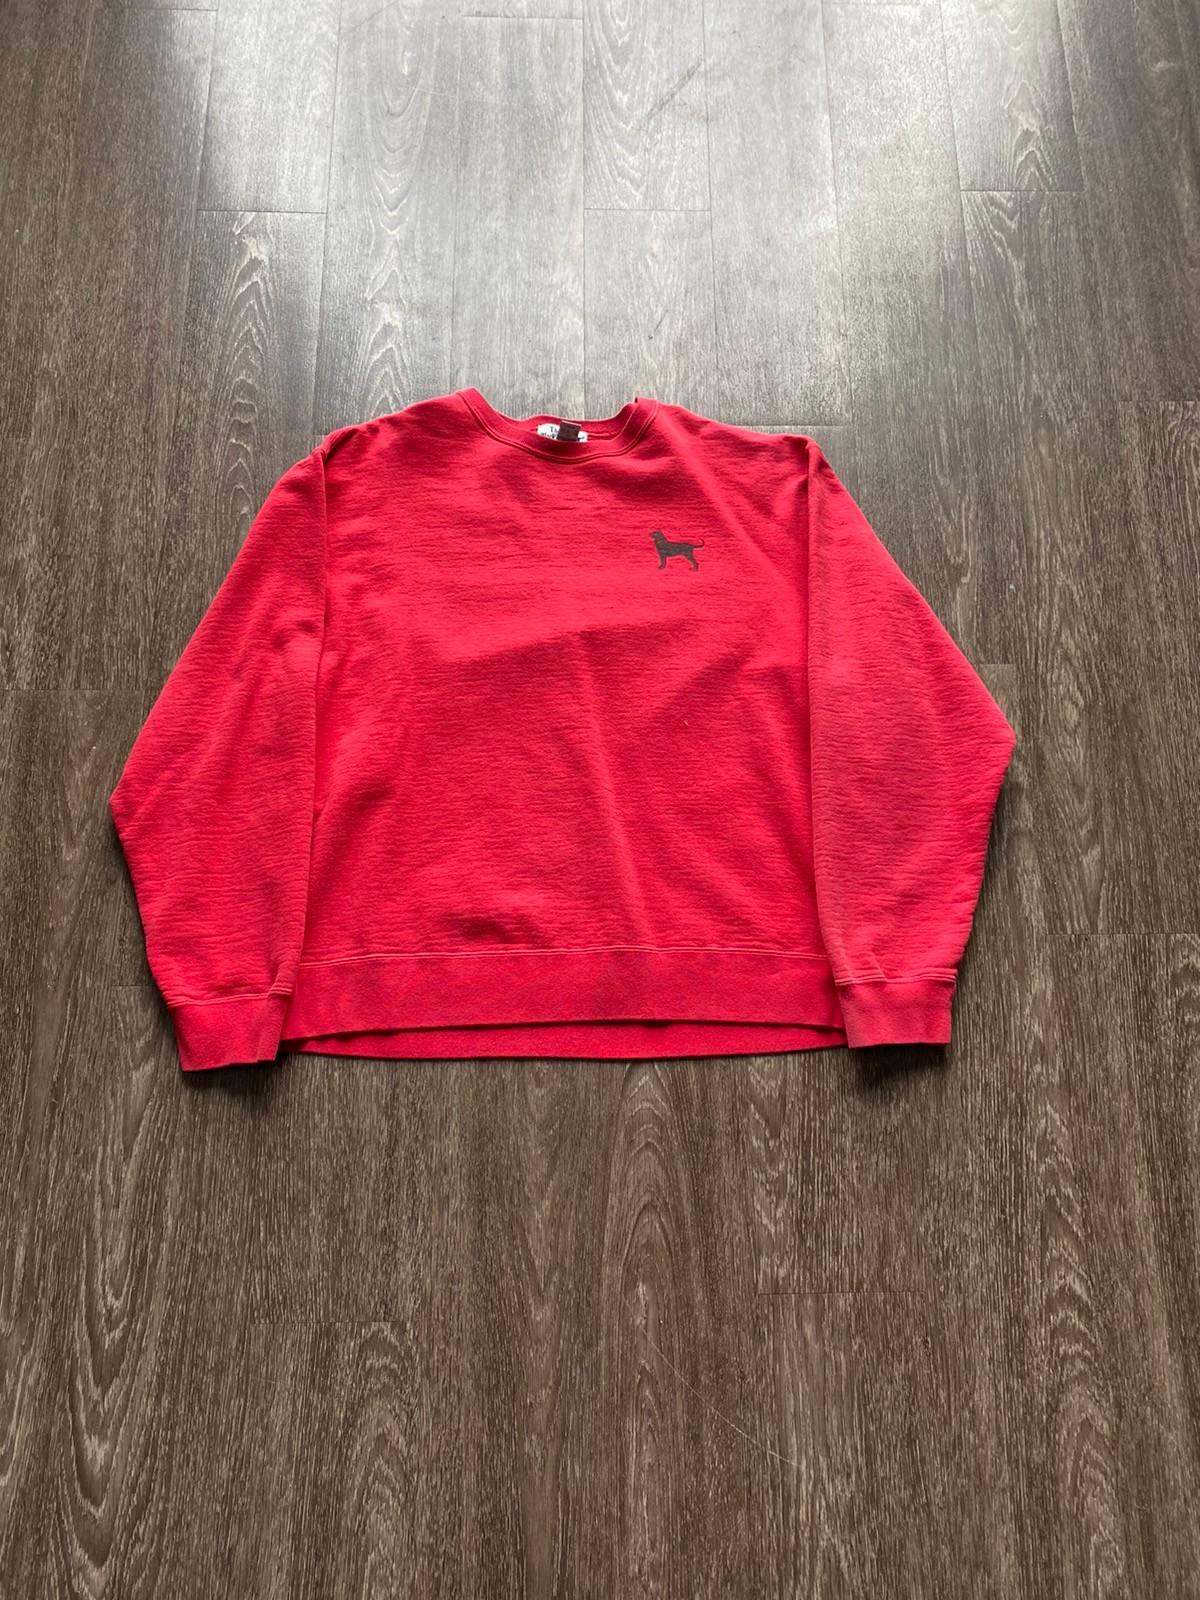 90/'s Black Dog Sweatshirt  UK 10